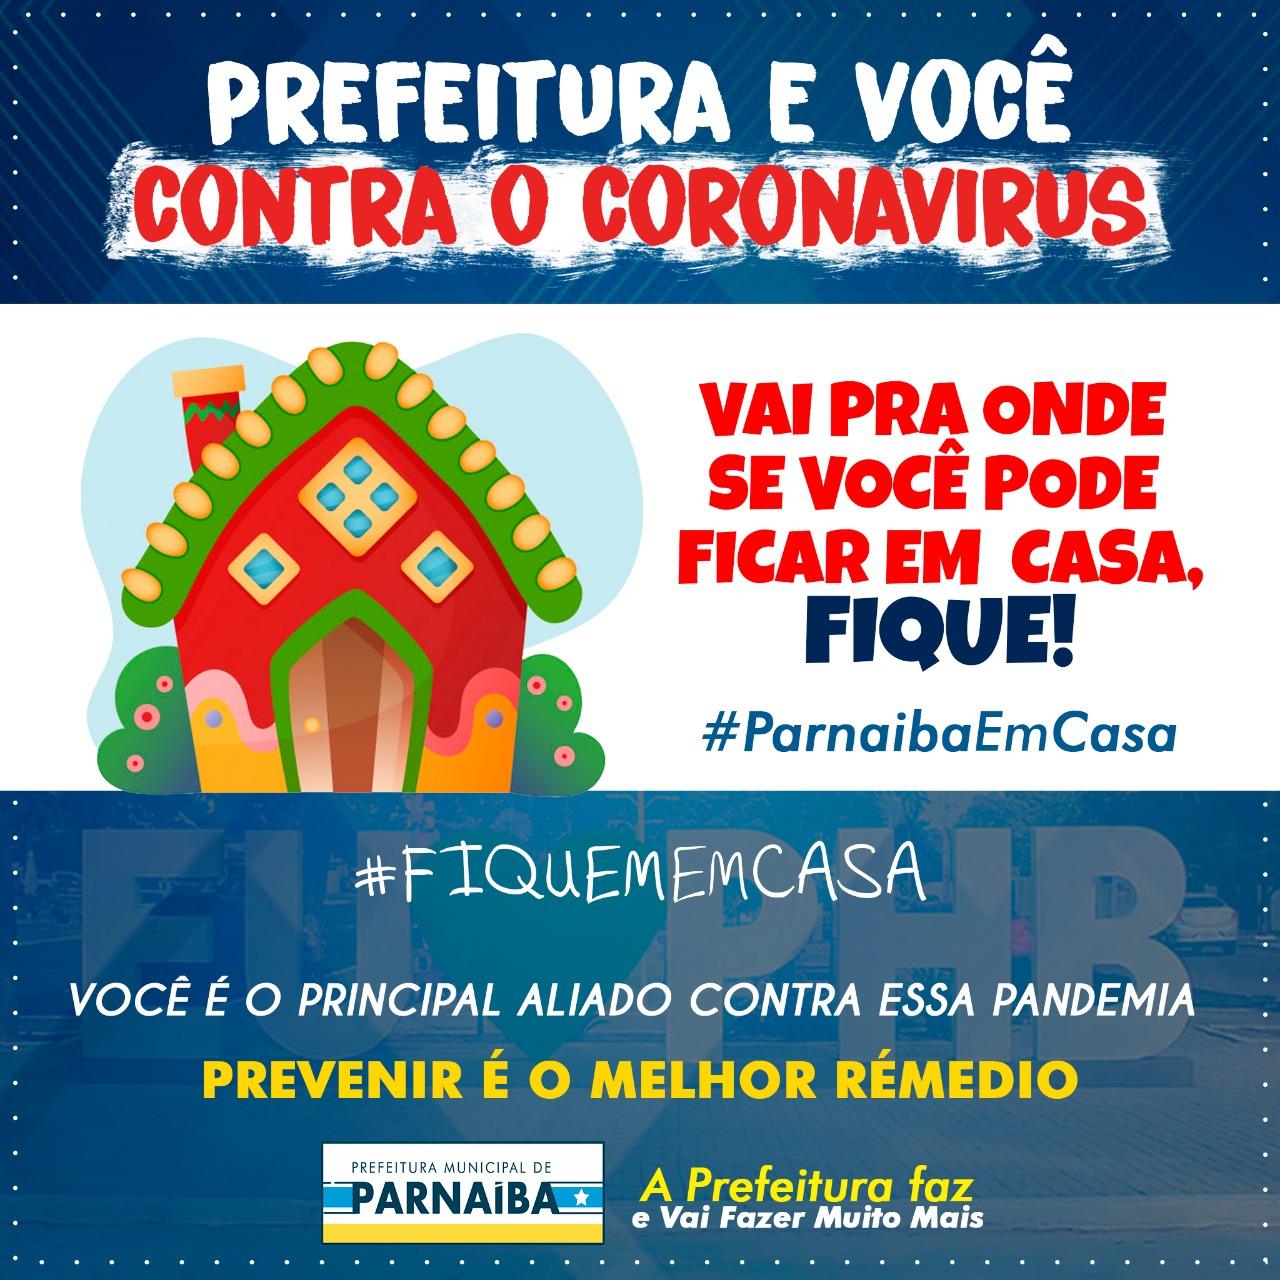 PREFEITURA DE PARNAÍBA E VOCÊ CONTRA O CORONAVÍRUS